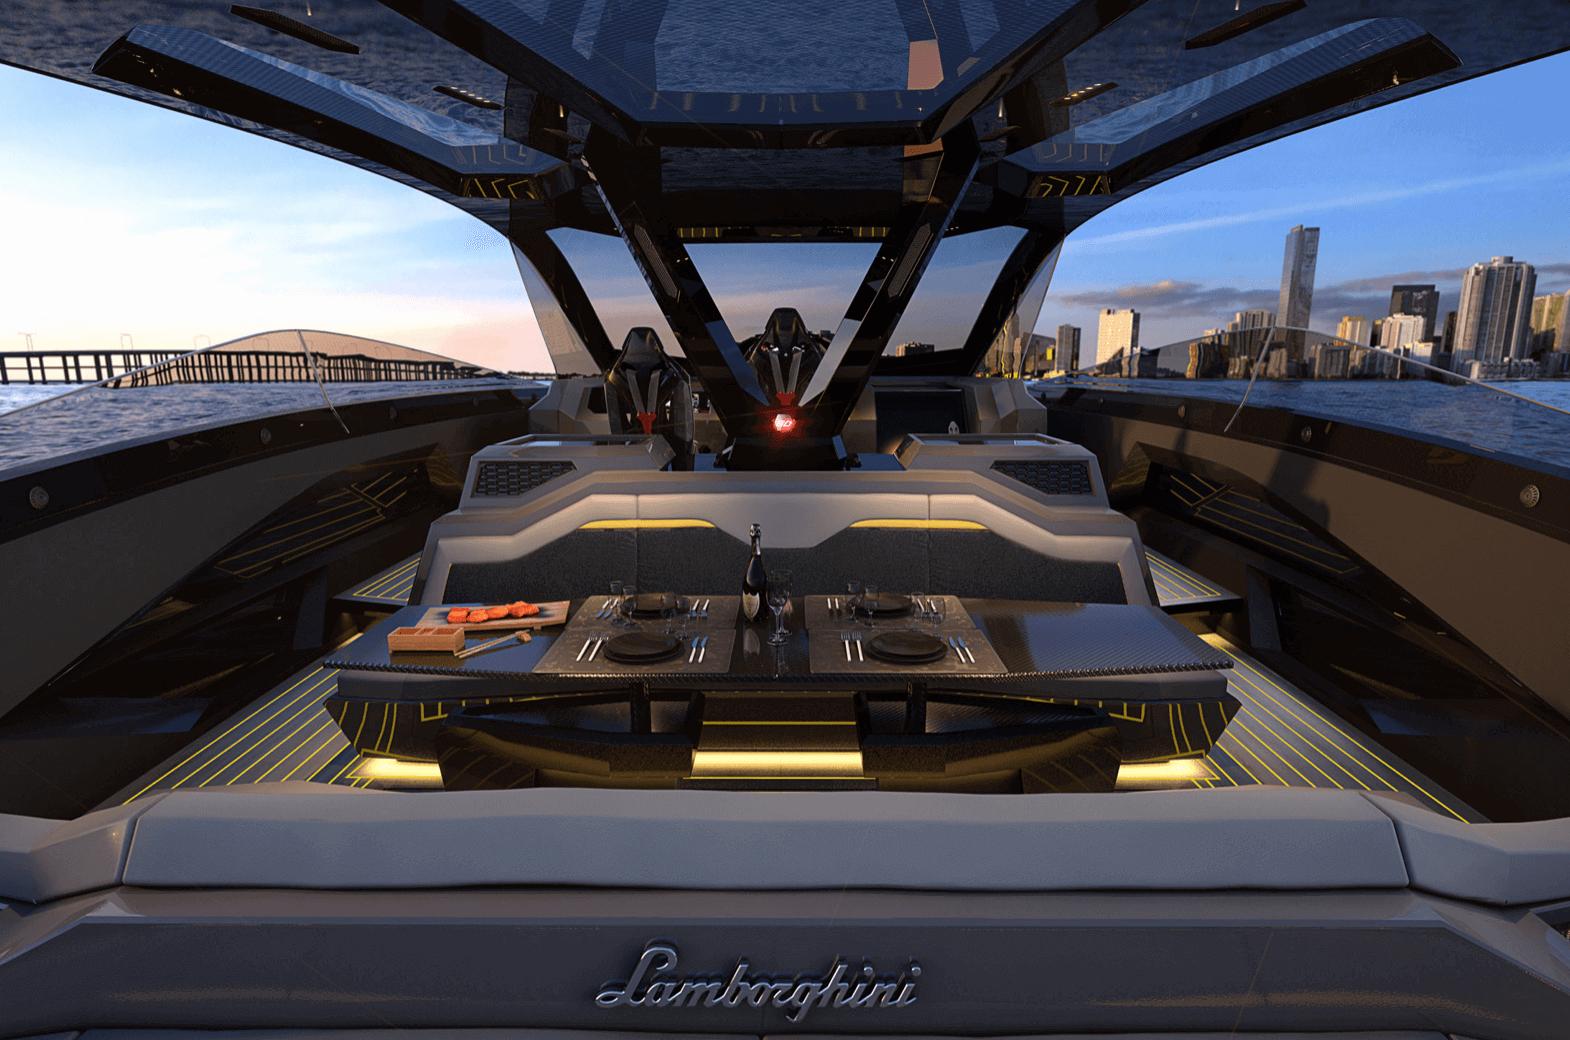 lamborghini 63 tecnomar sürat teknesi iç tasarım